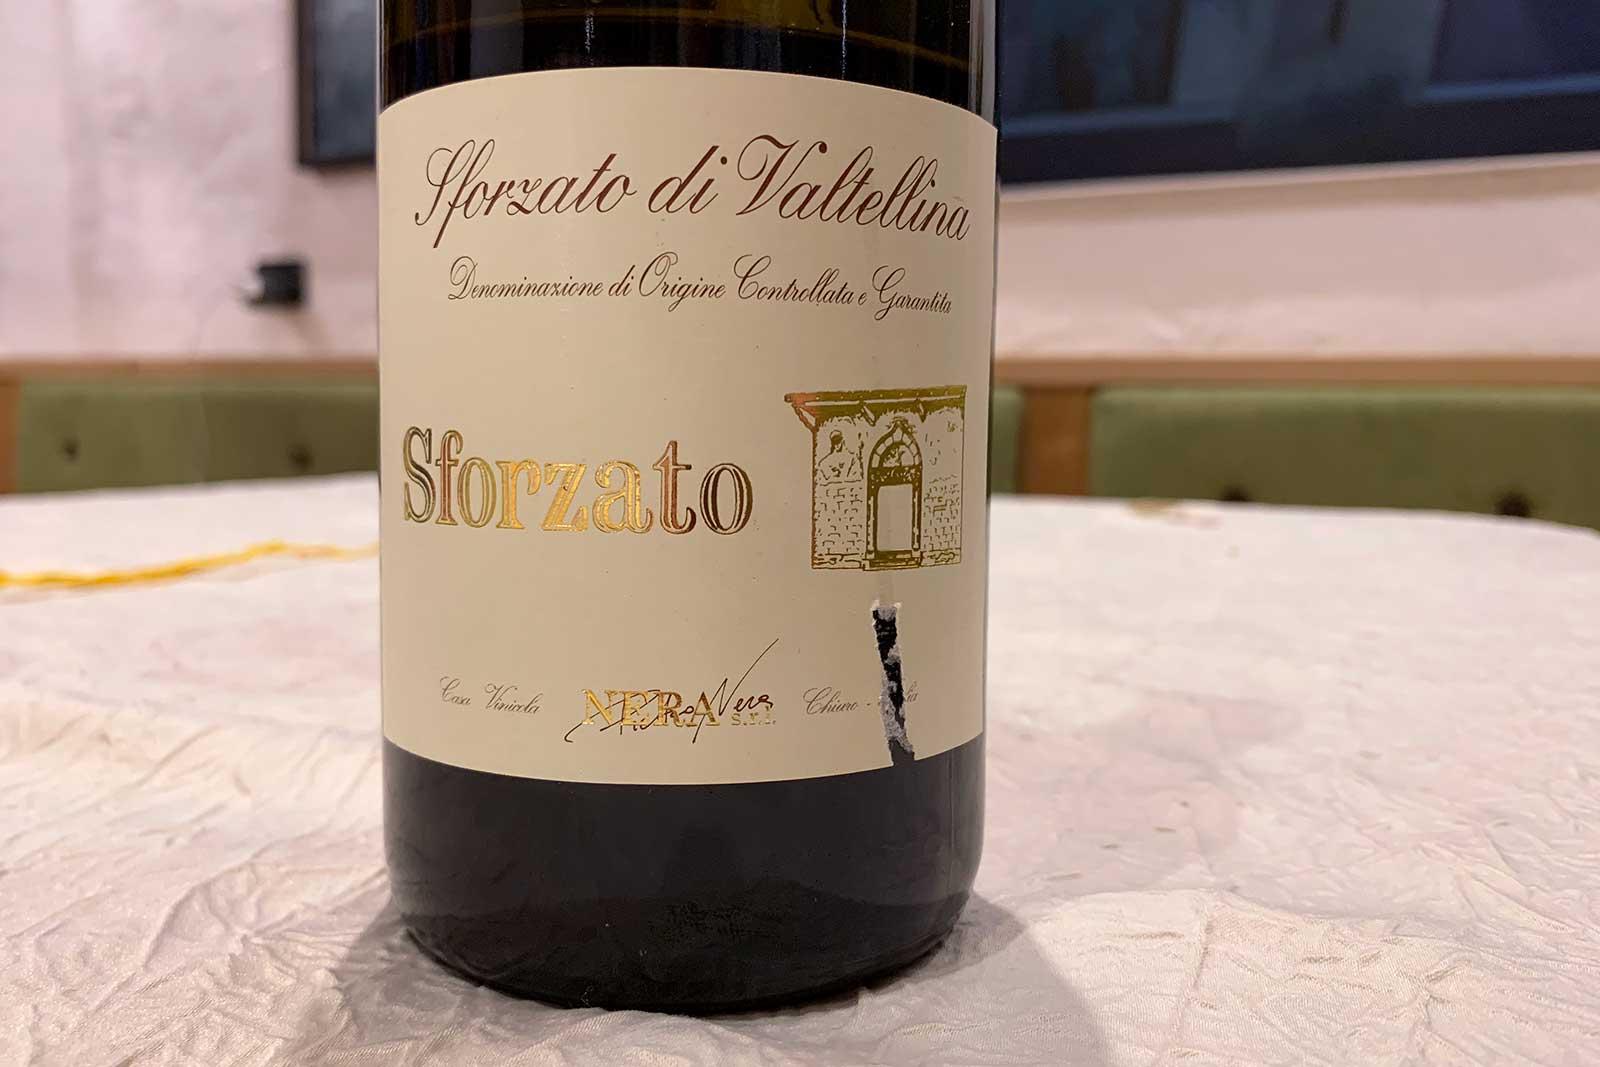 2009 Pietro Nera Sforzato di Valtellina ©Kevin Day/Opening a Bottle